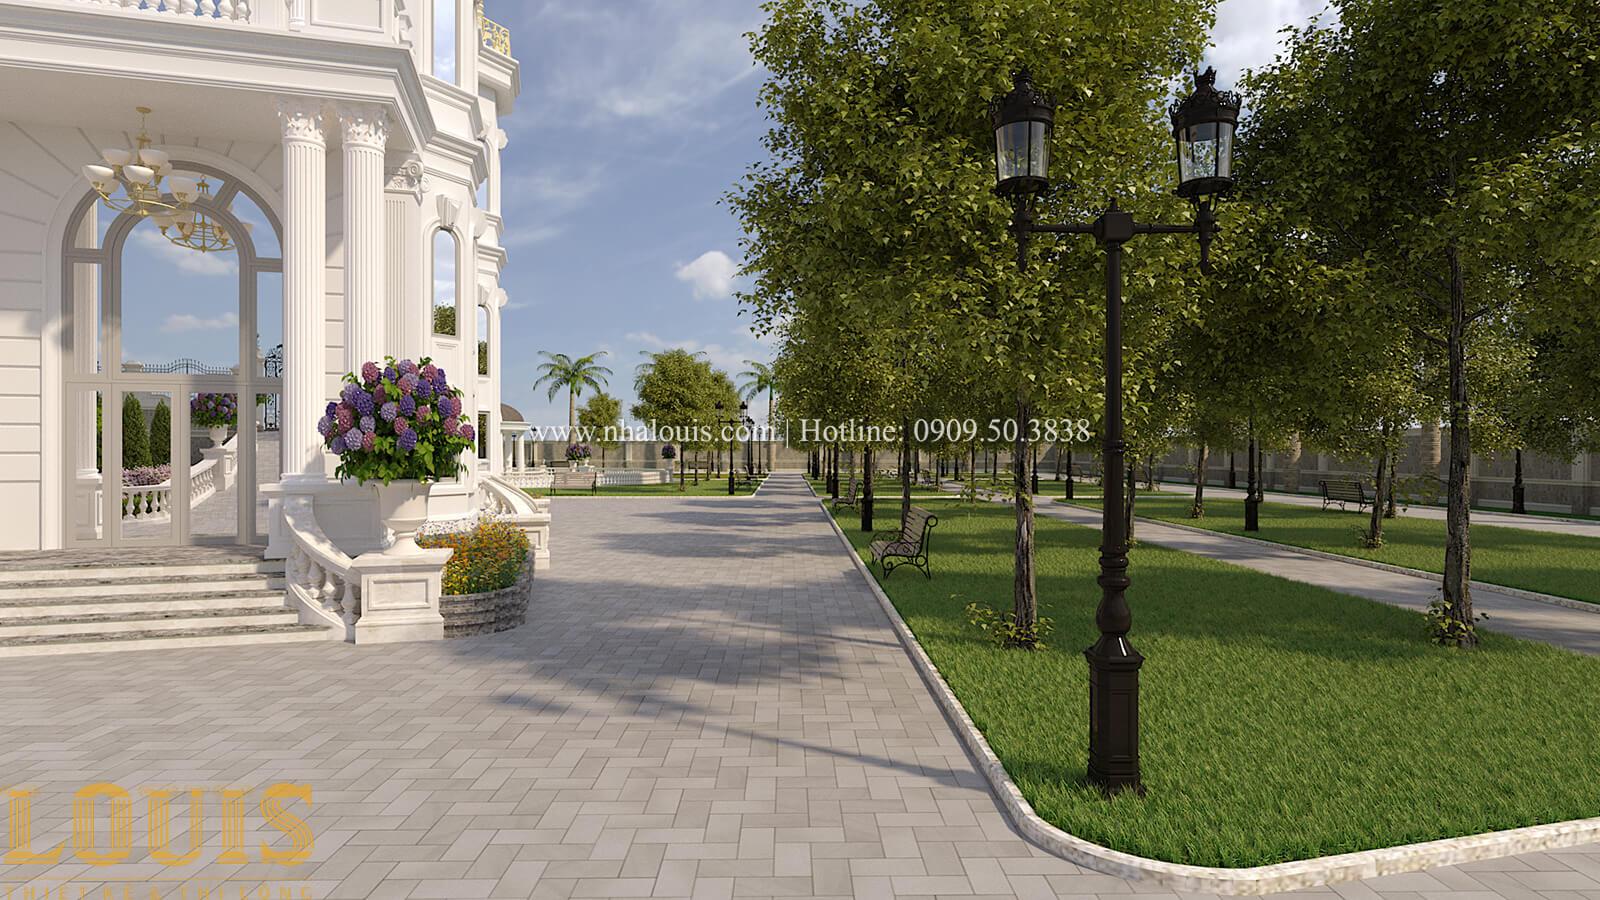 Sân vườn biệt thự cổ điển kiểu Pháp đẳng cấp tại Đồng Nai - 73